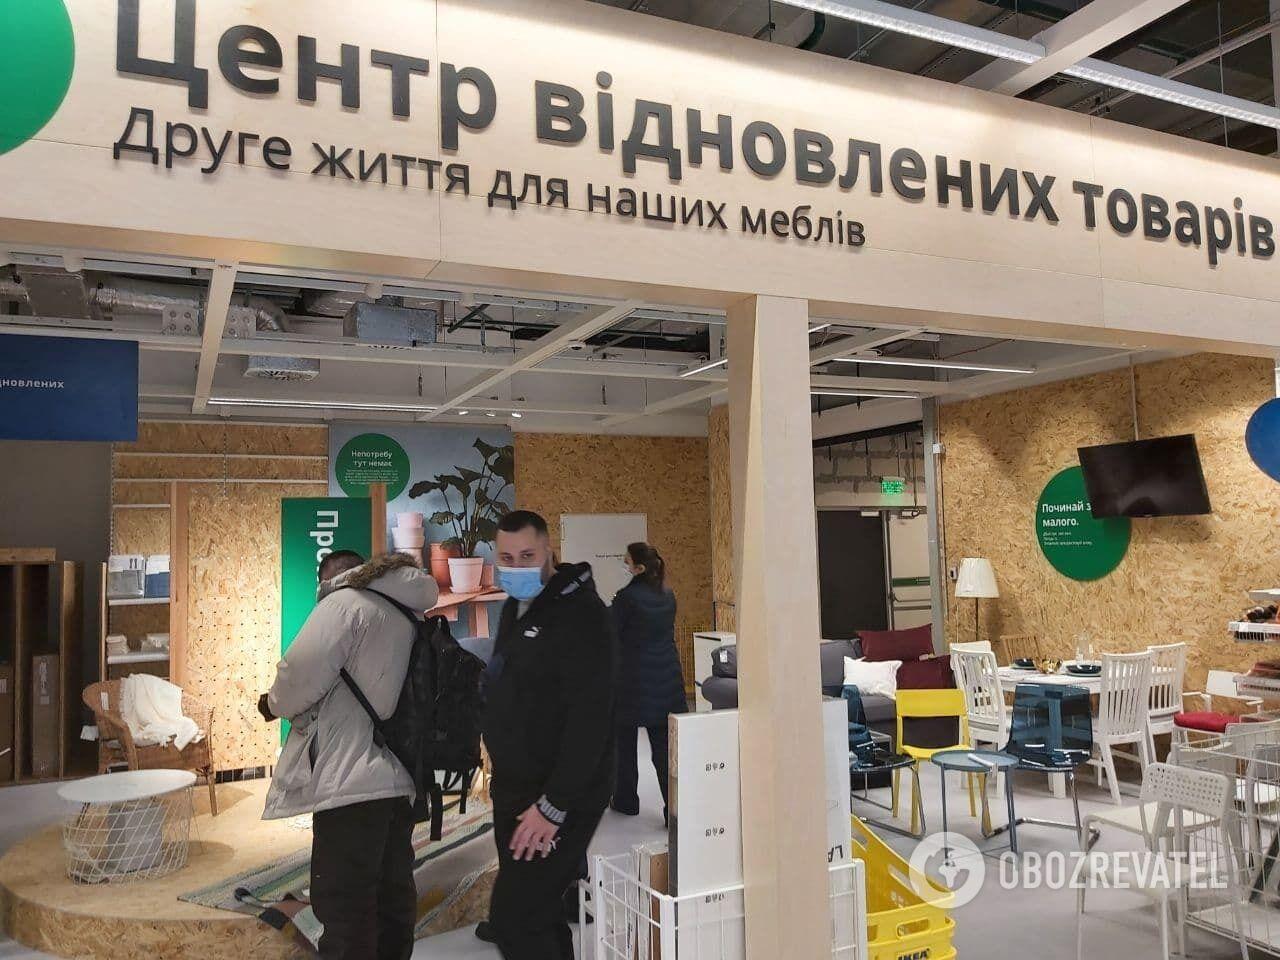 Центр восстановленных товаров